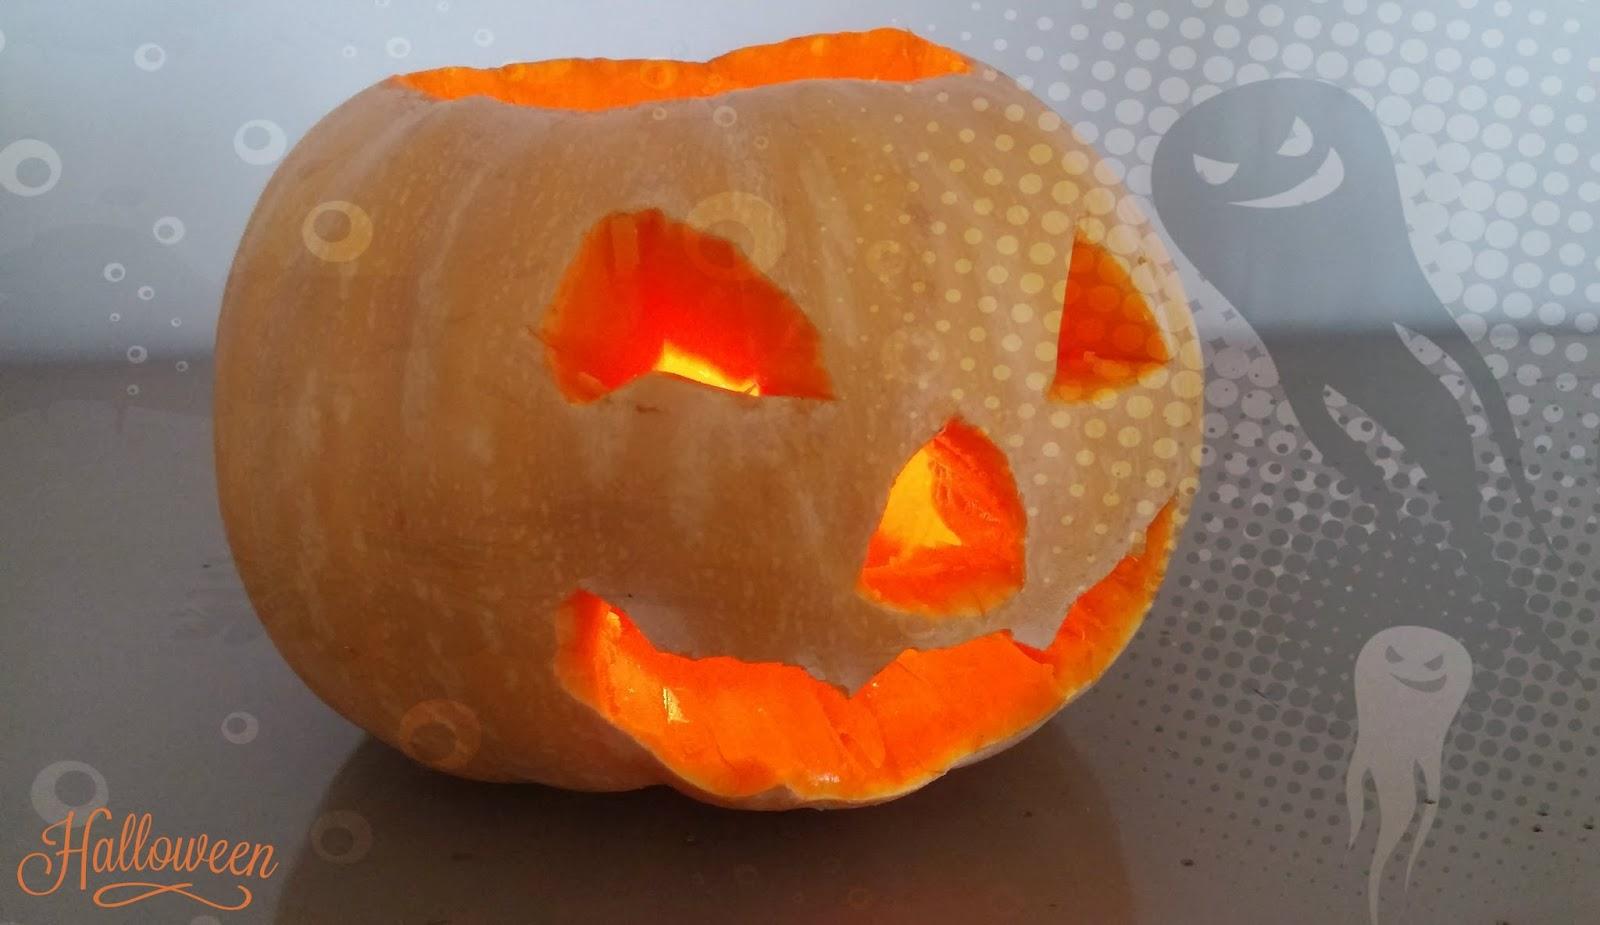 Comment creuser une citrouille d 39 halloween jack o 39 lantern comment r cup rer les graines et que - Comment creuser une citrouille ...